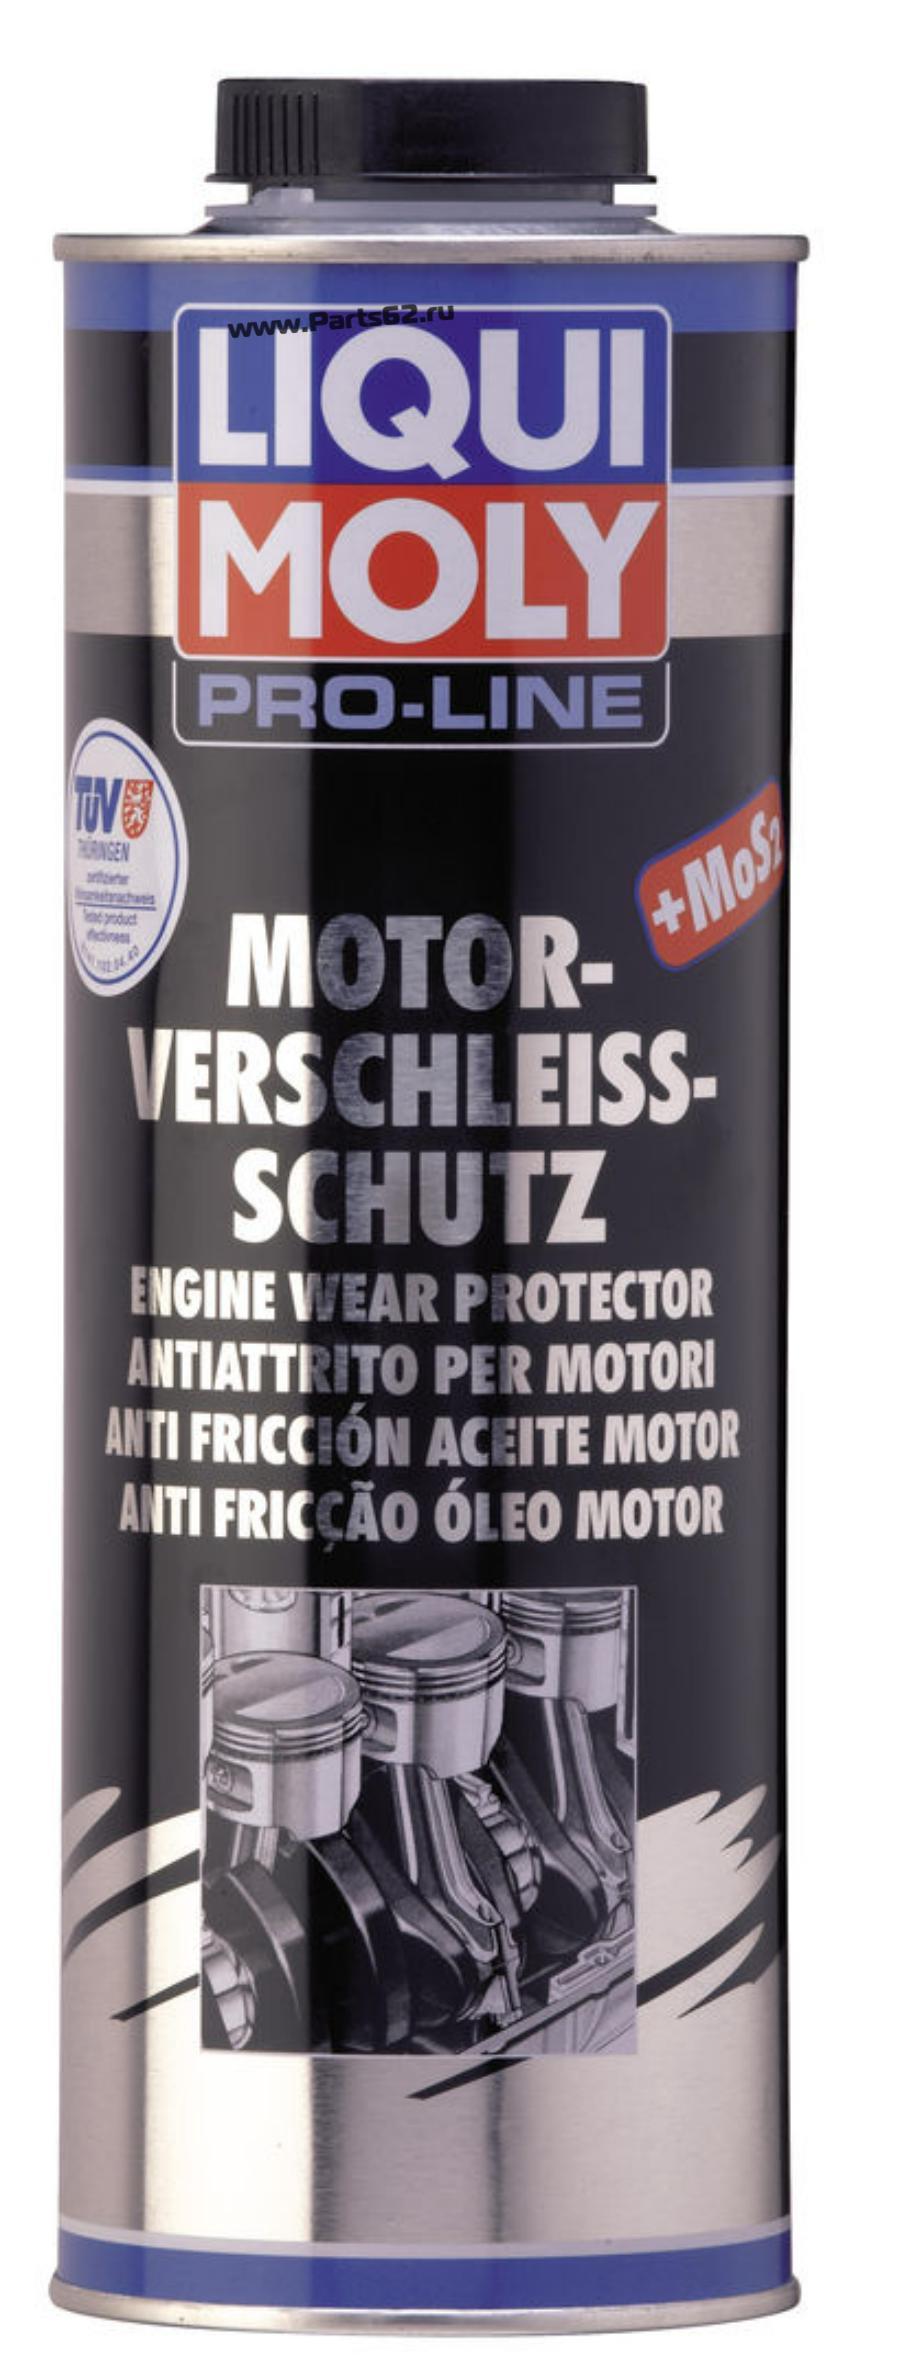 Антифрикционная присадка с дисульфидом молибдена в моторное масло Pro-Line Motor-Verschleiss-Schutz, 1 л.